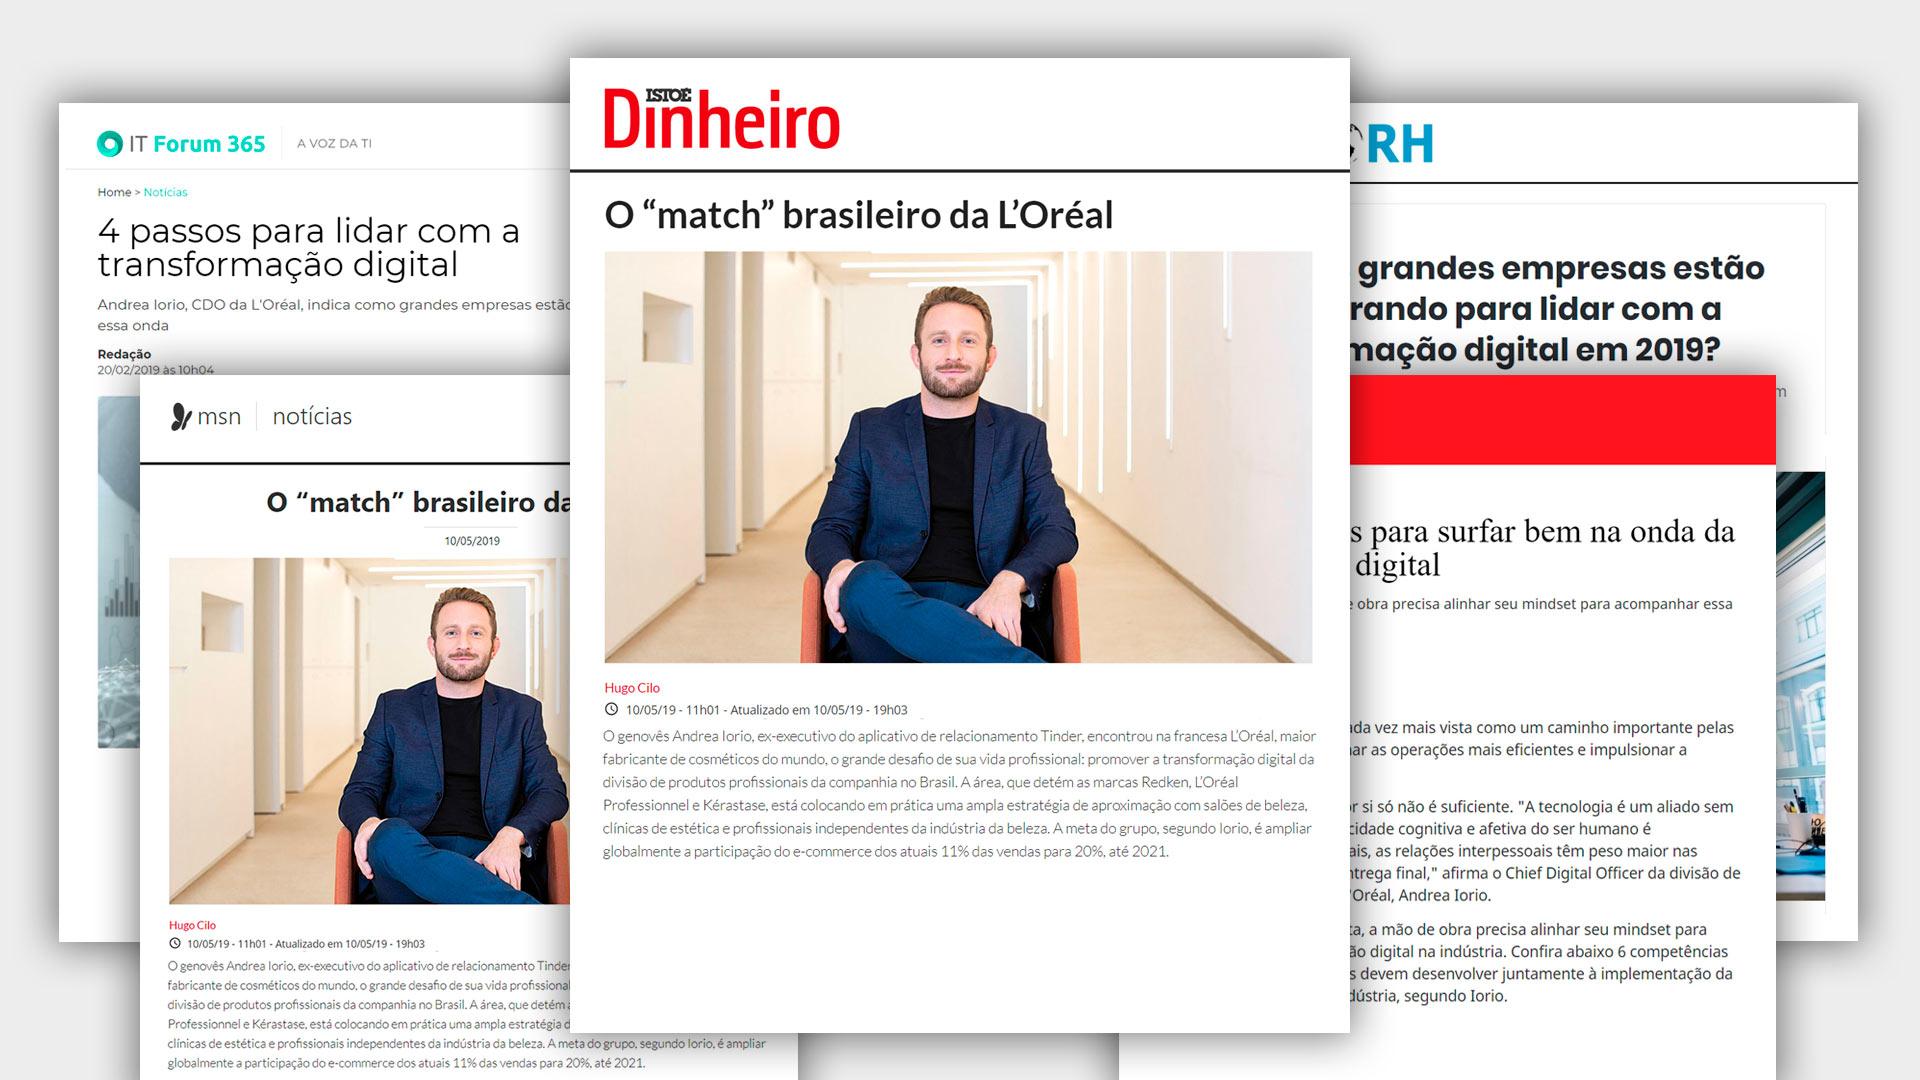 case-03-andrea-iorio-reputação-2